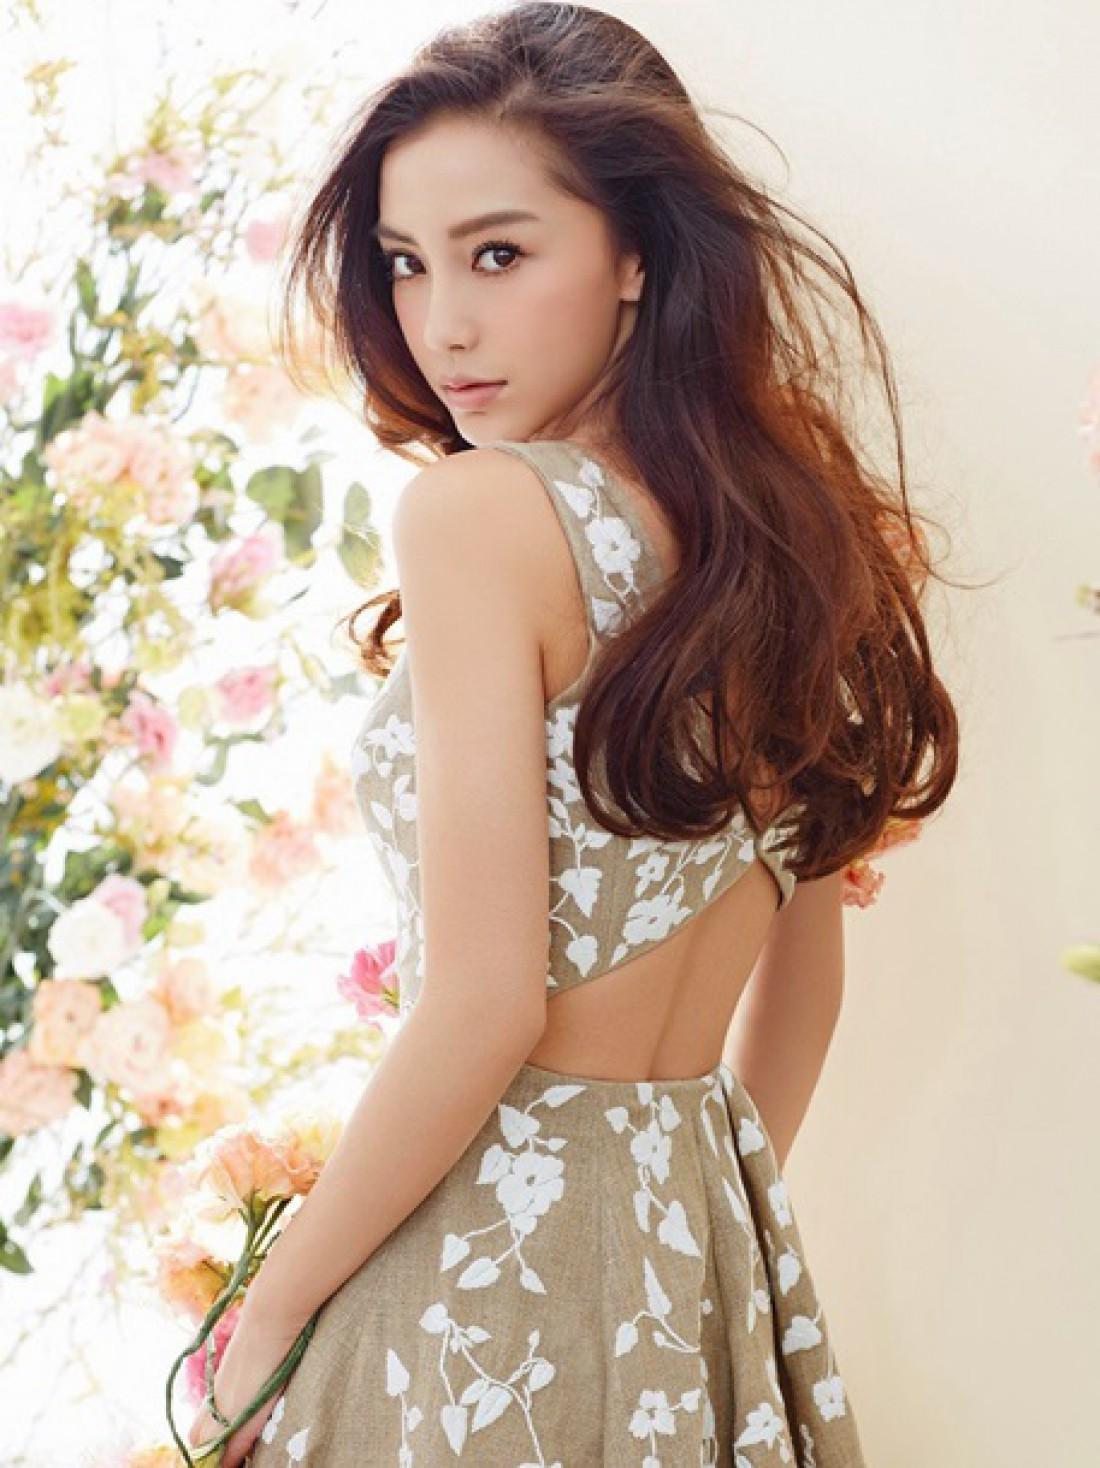 Китайская актриса Ян Вин подверглась медицинской экспертизе ради доказательств натуральности своей красоты